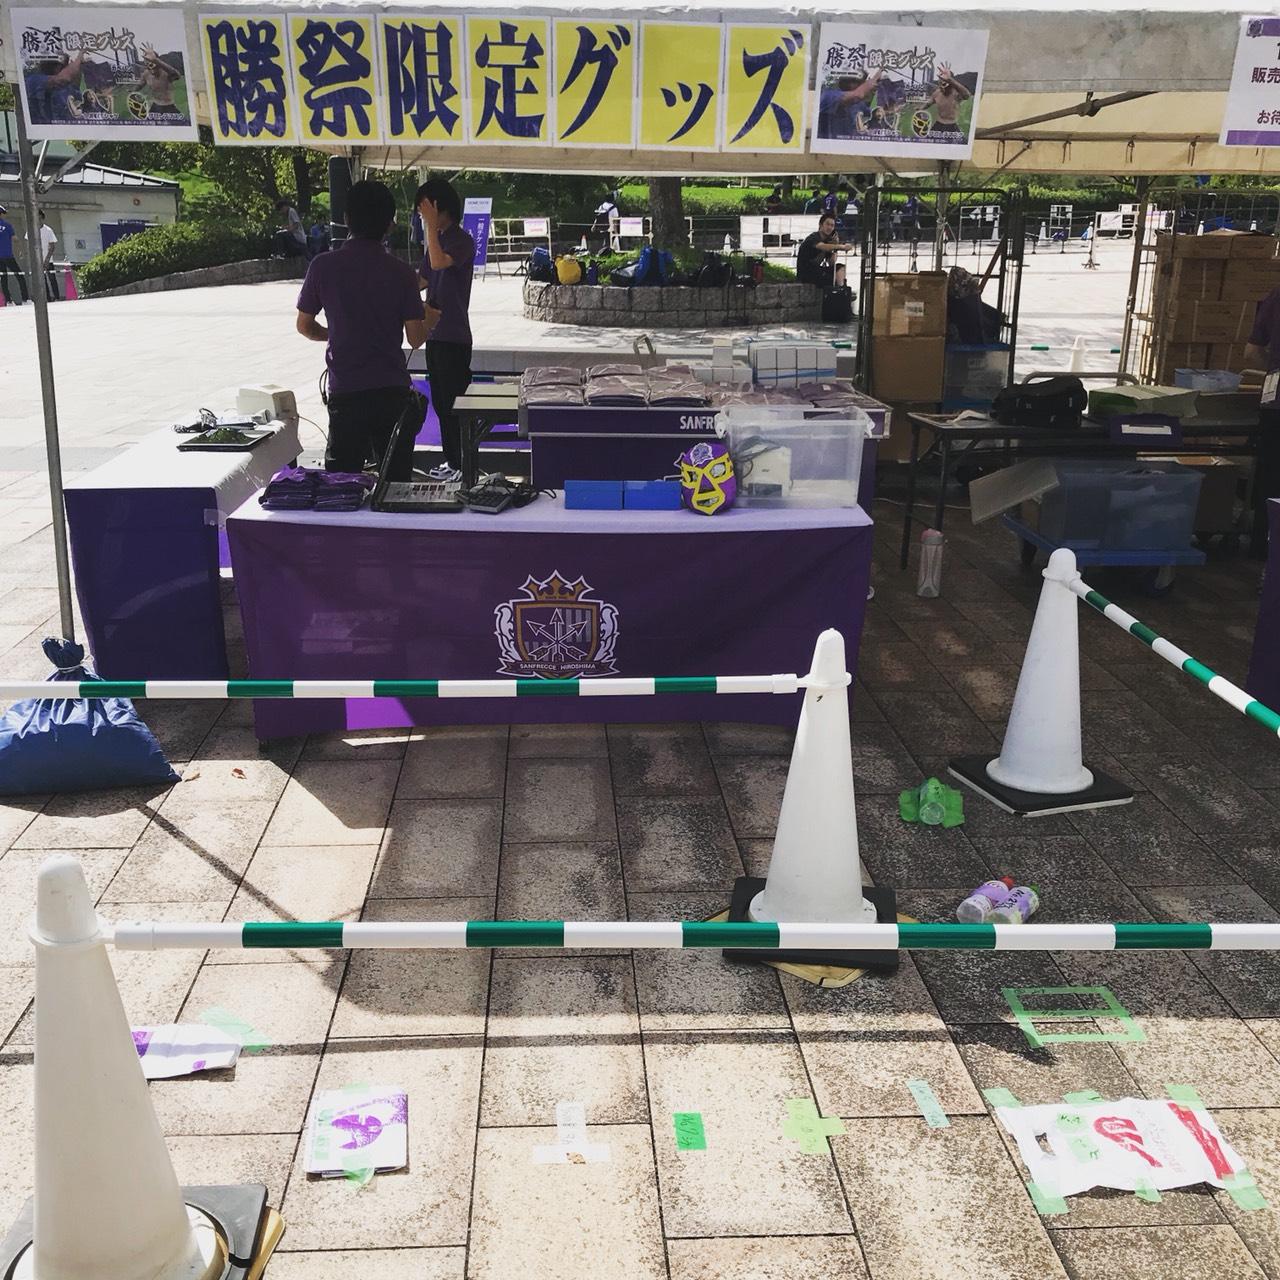 サンフレッチェ広島 勝祭限定グッズ